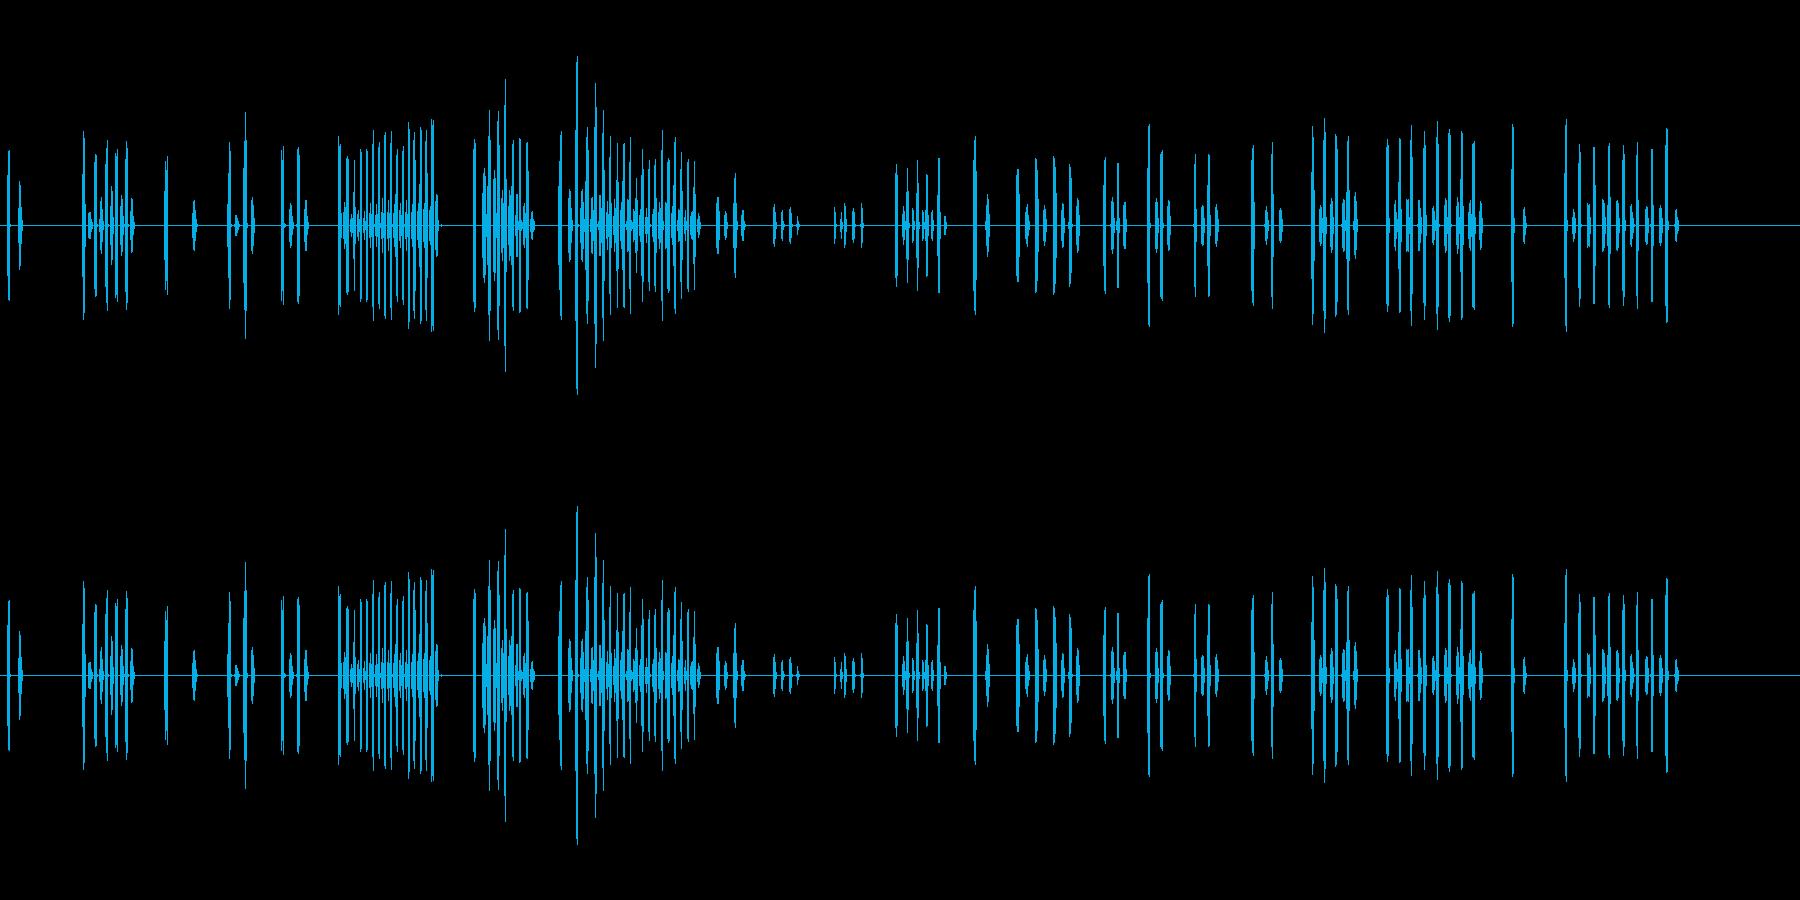 ぬいぐるみやサンダルなどのキュッキュ音の再生済みの波形